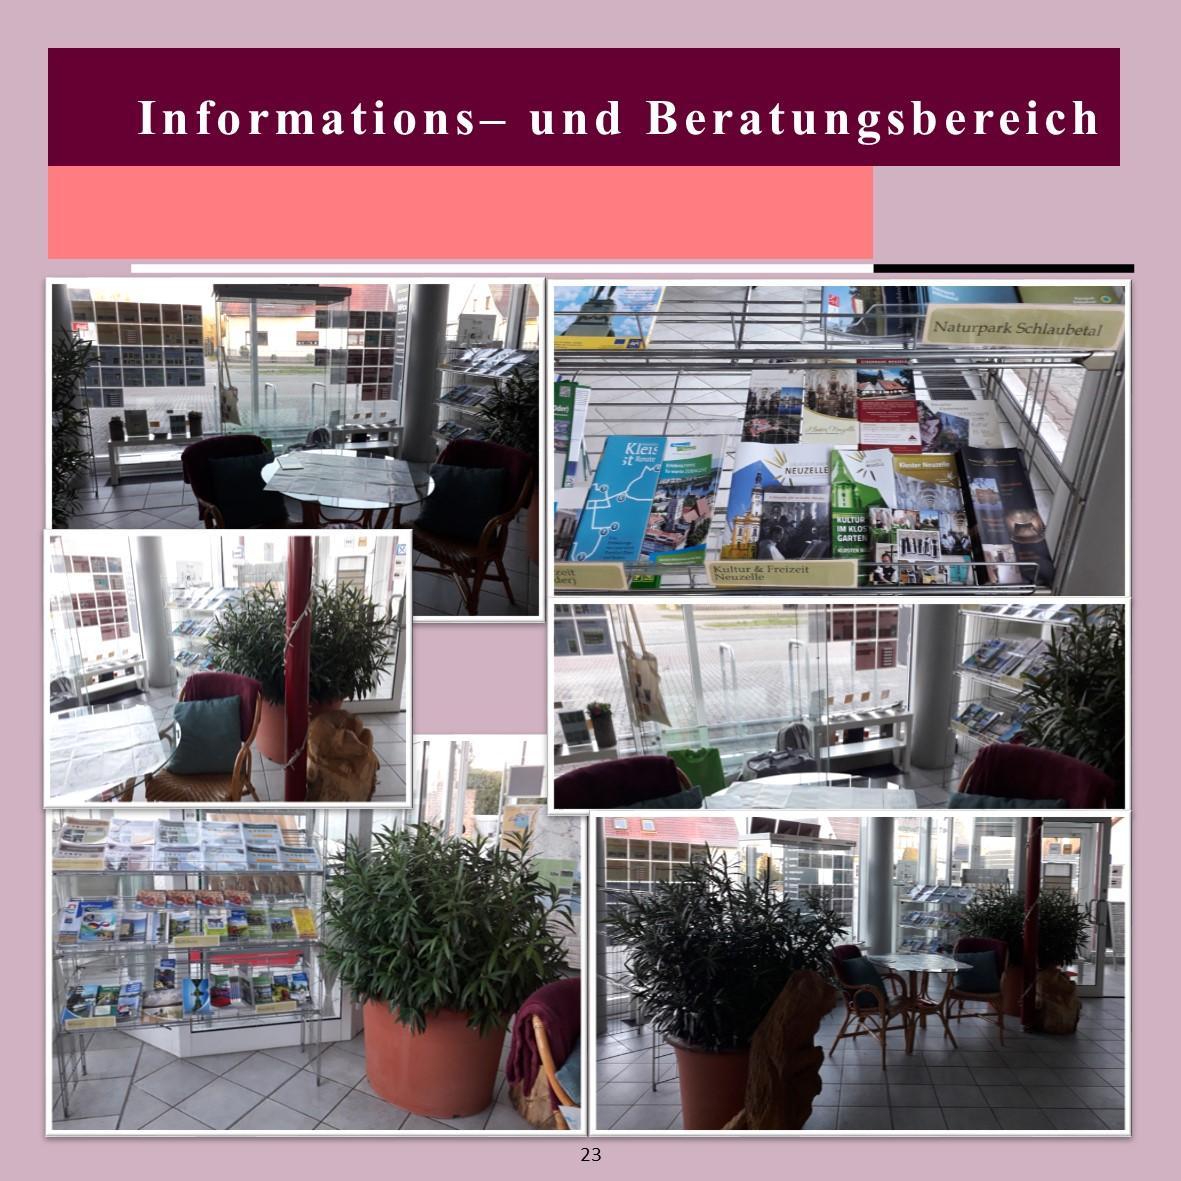 00_Broschüre_Bilder_Touristinformation 23